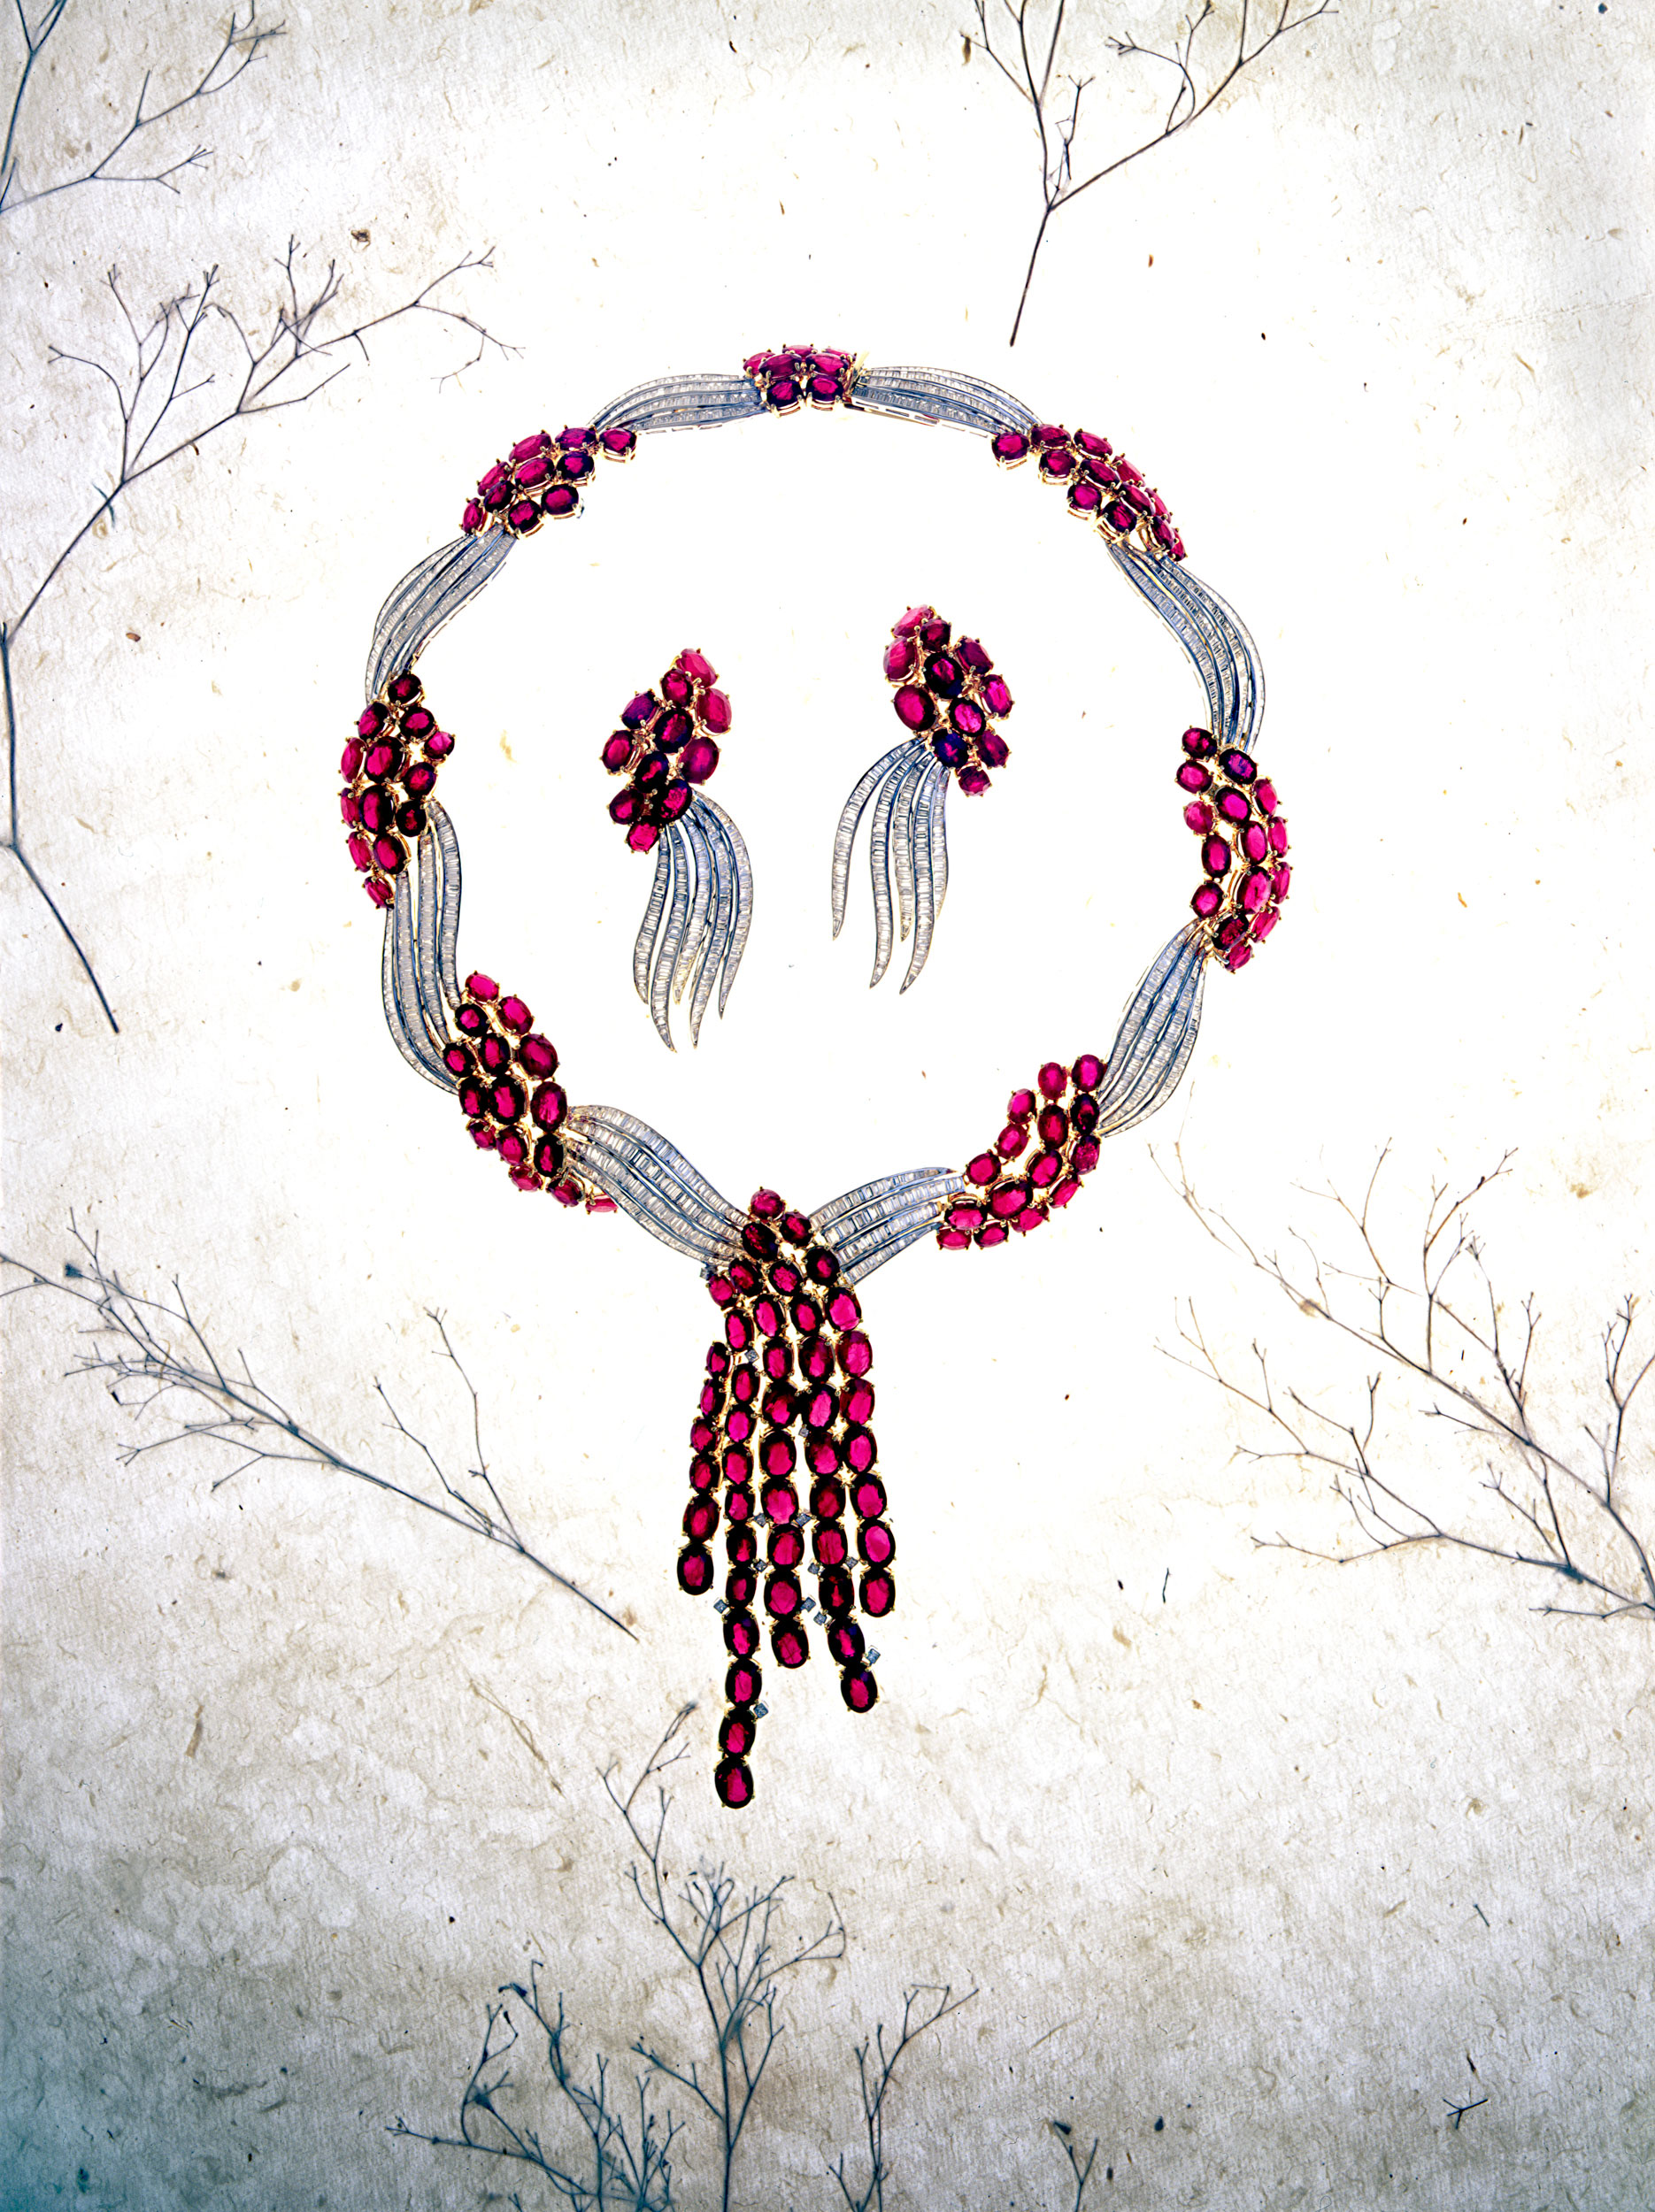 08 P-3901-Kocek-jeweler1-small.jpg